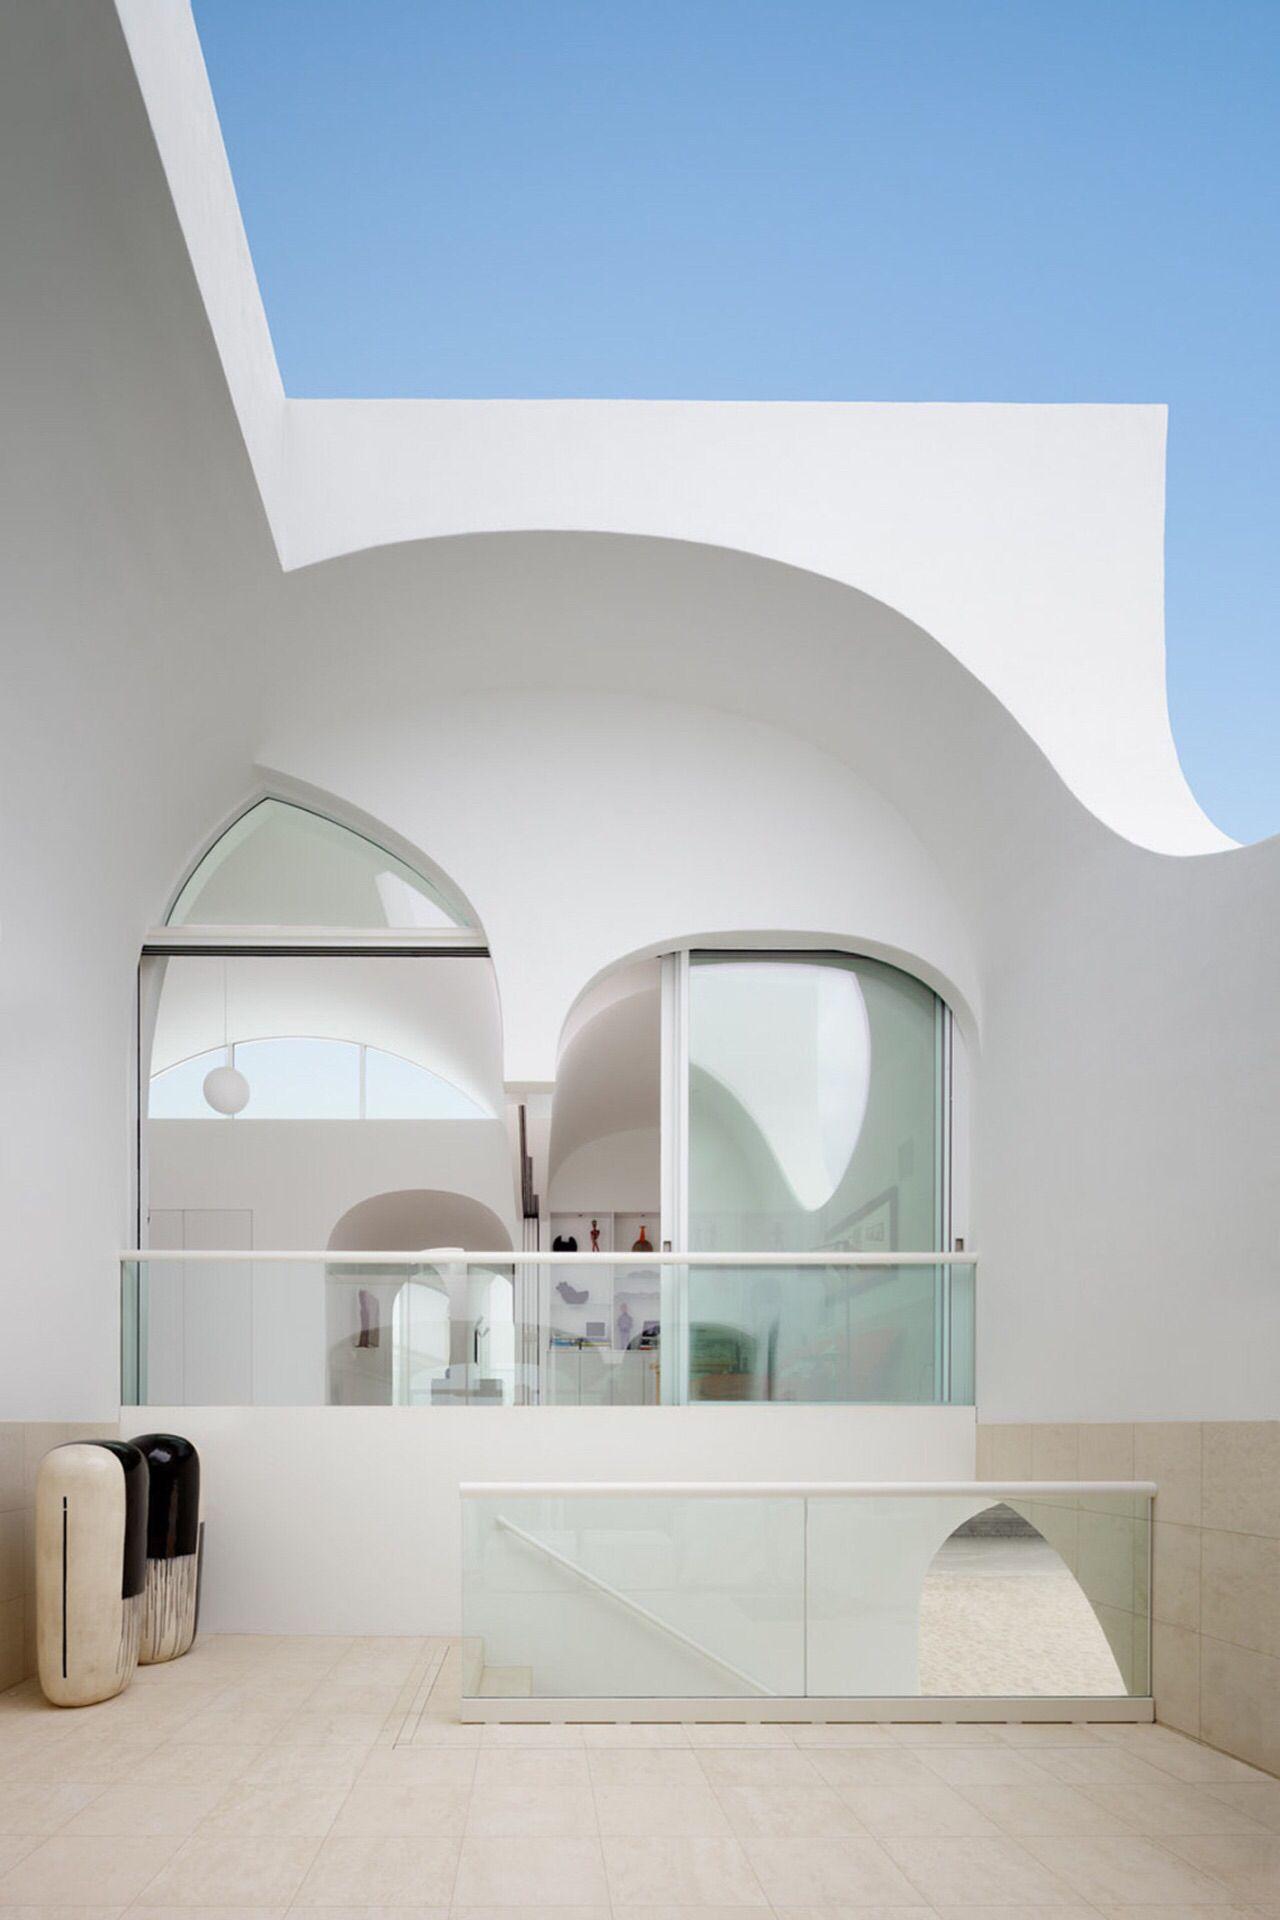 Pin von Clara White auf Architecture | Pinterest